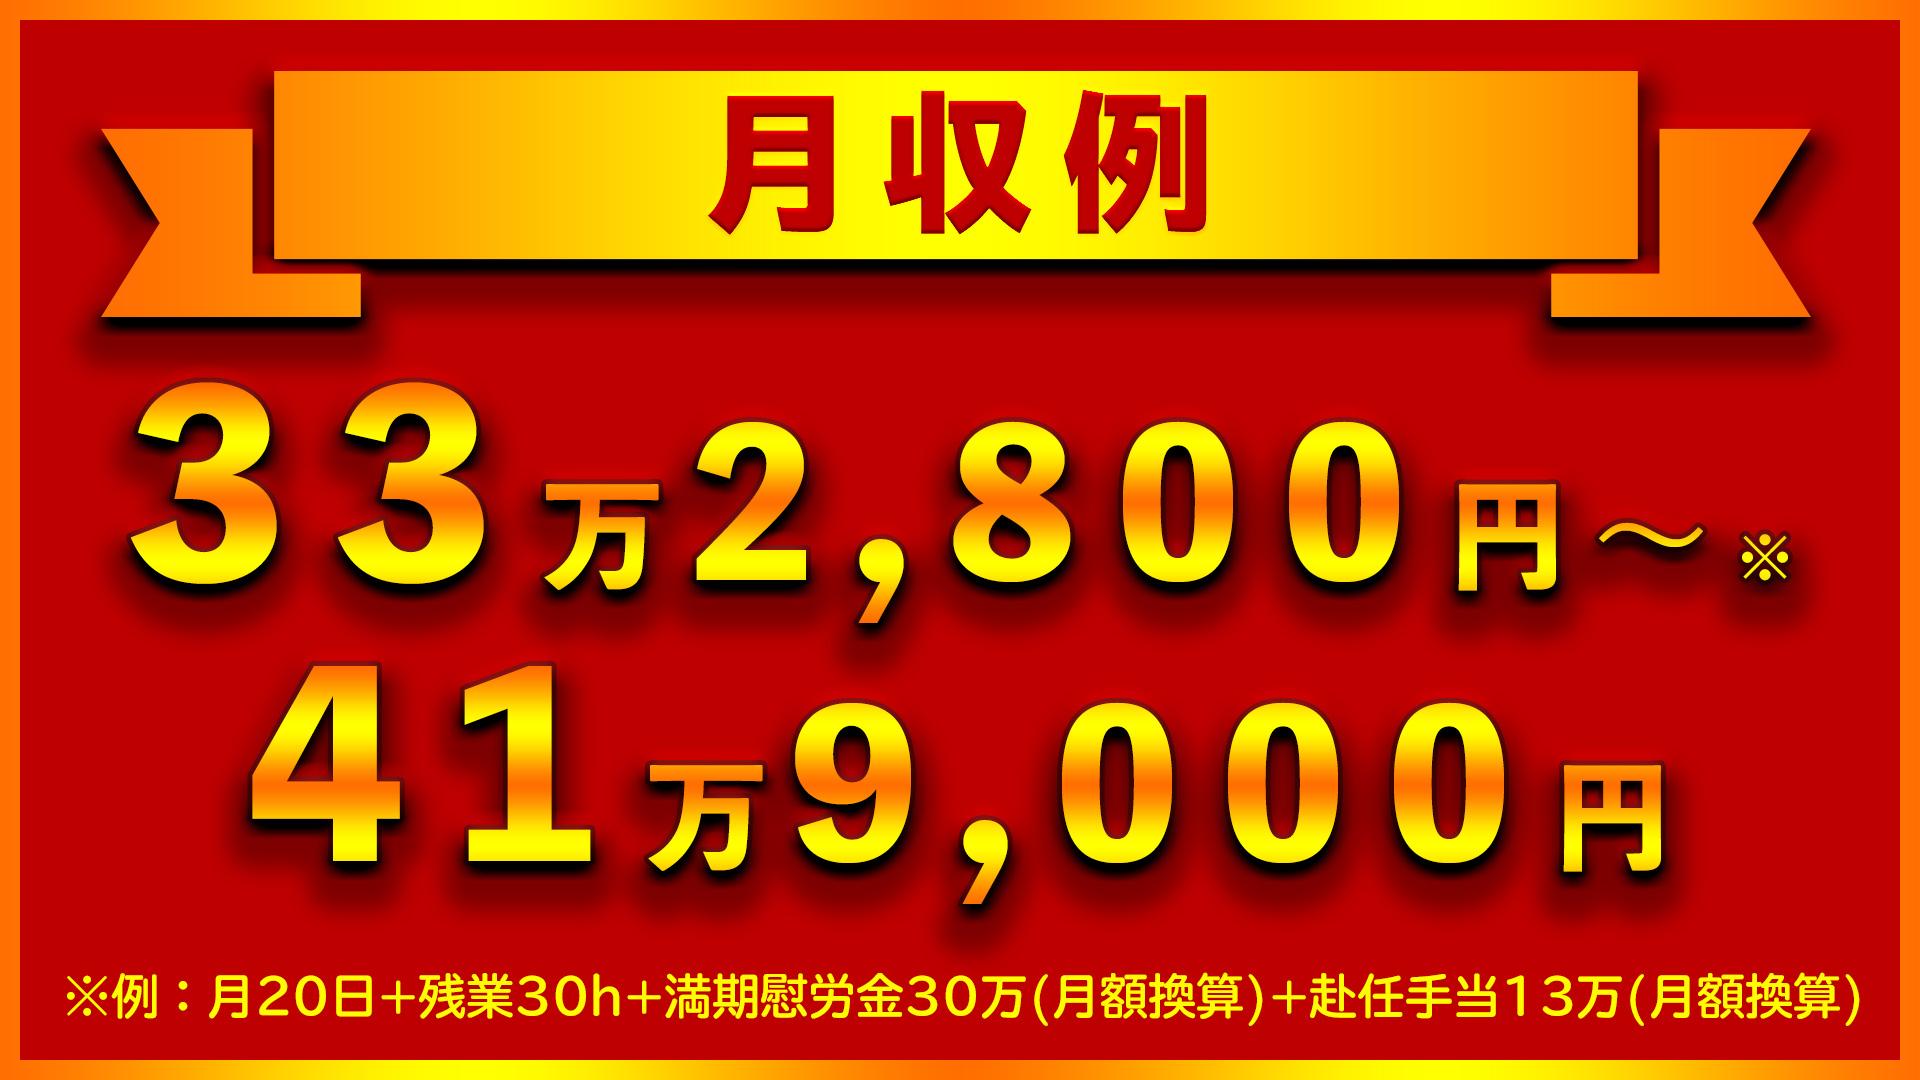 コマツ大阪の期間工の月収例は33万2,800円!